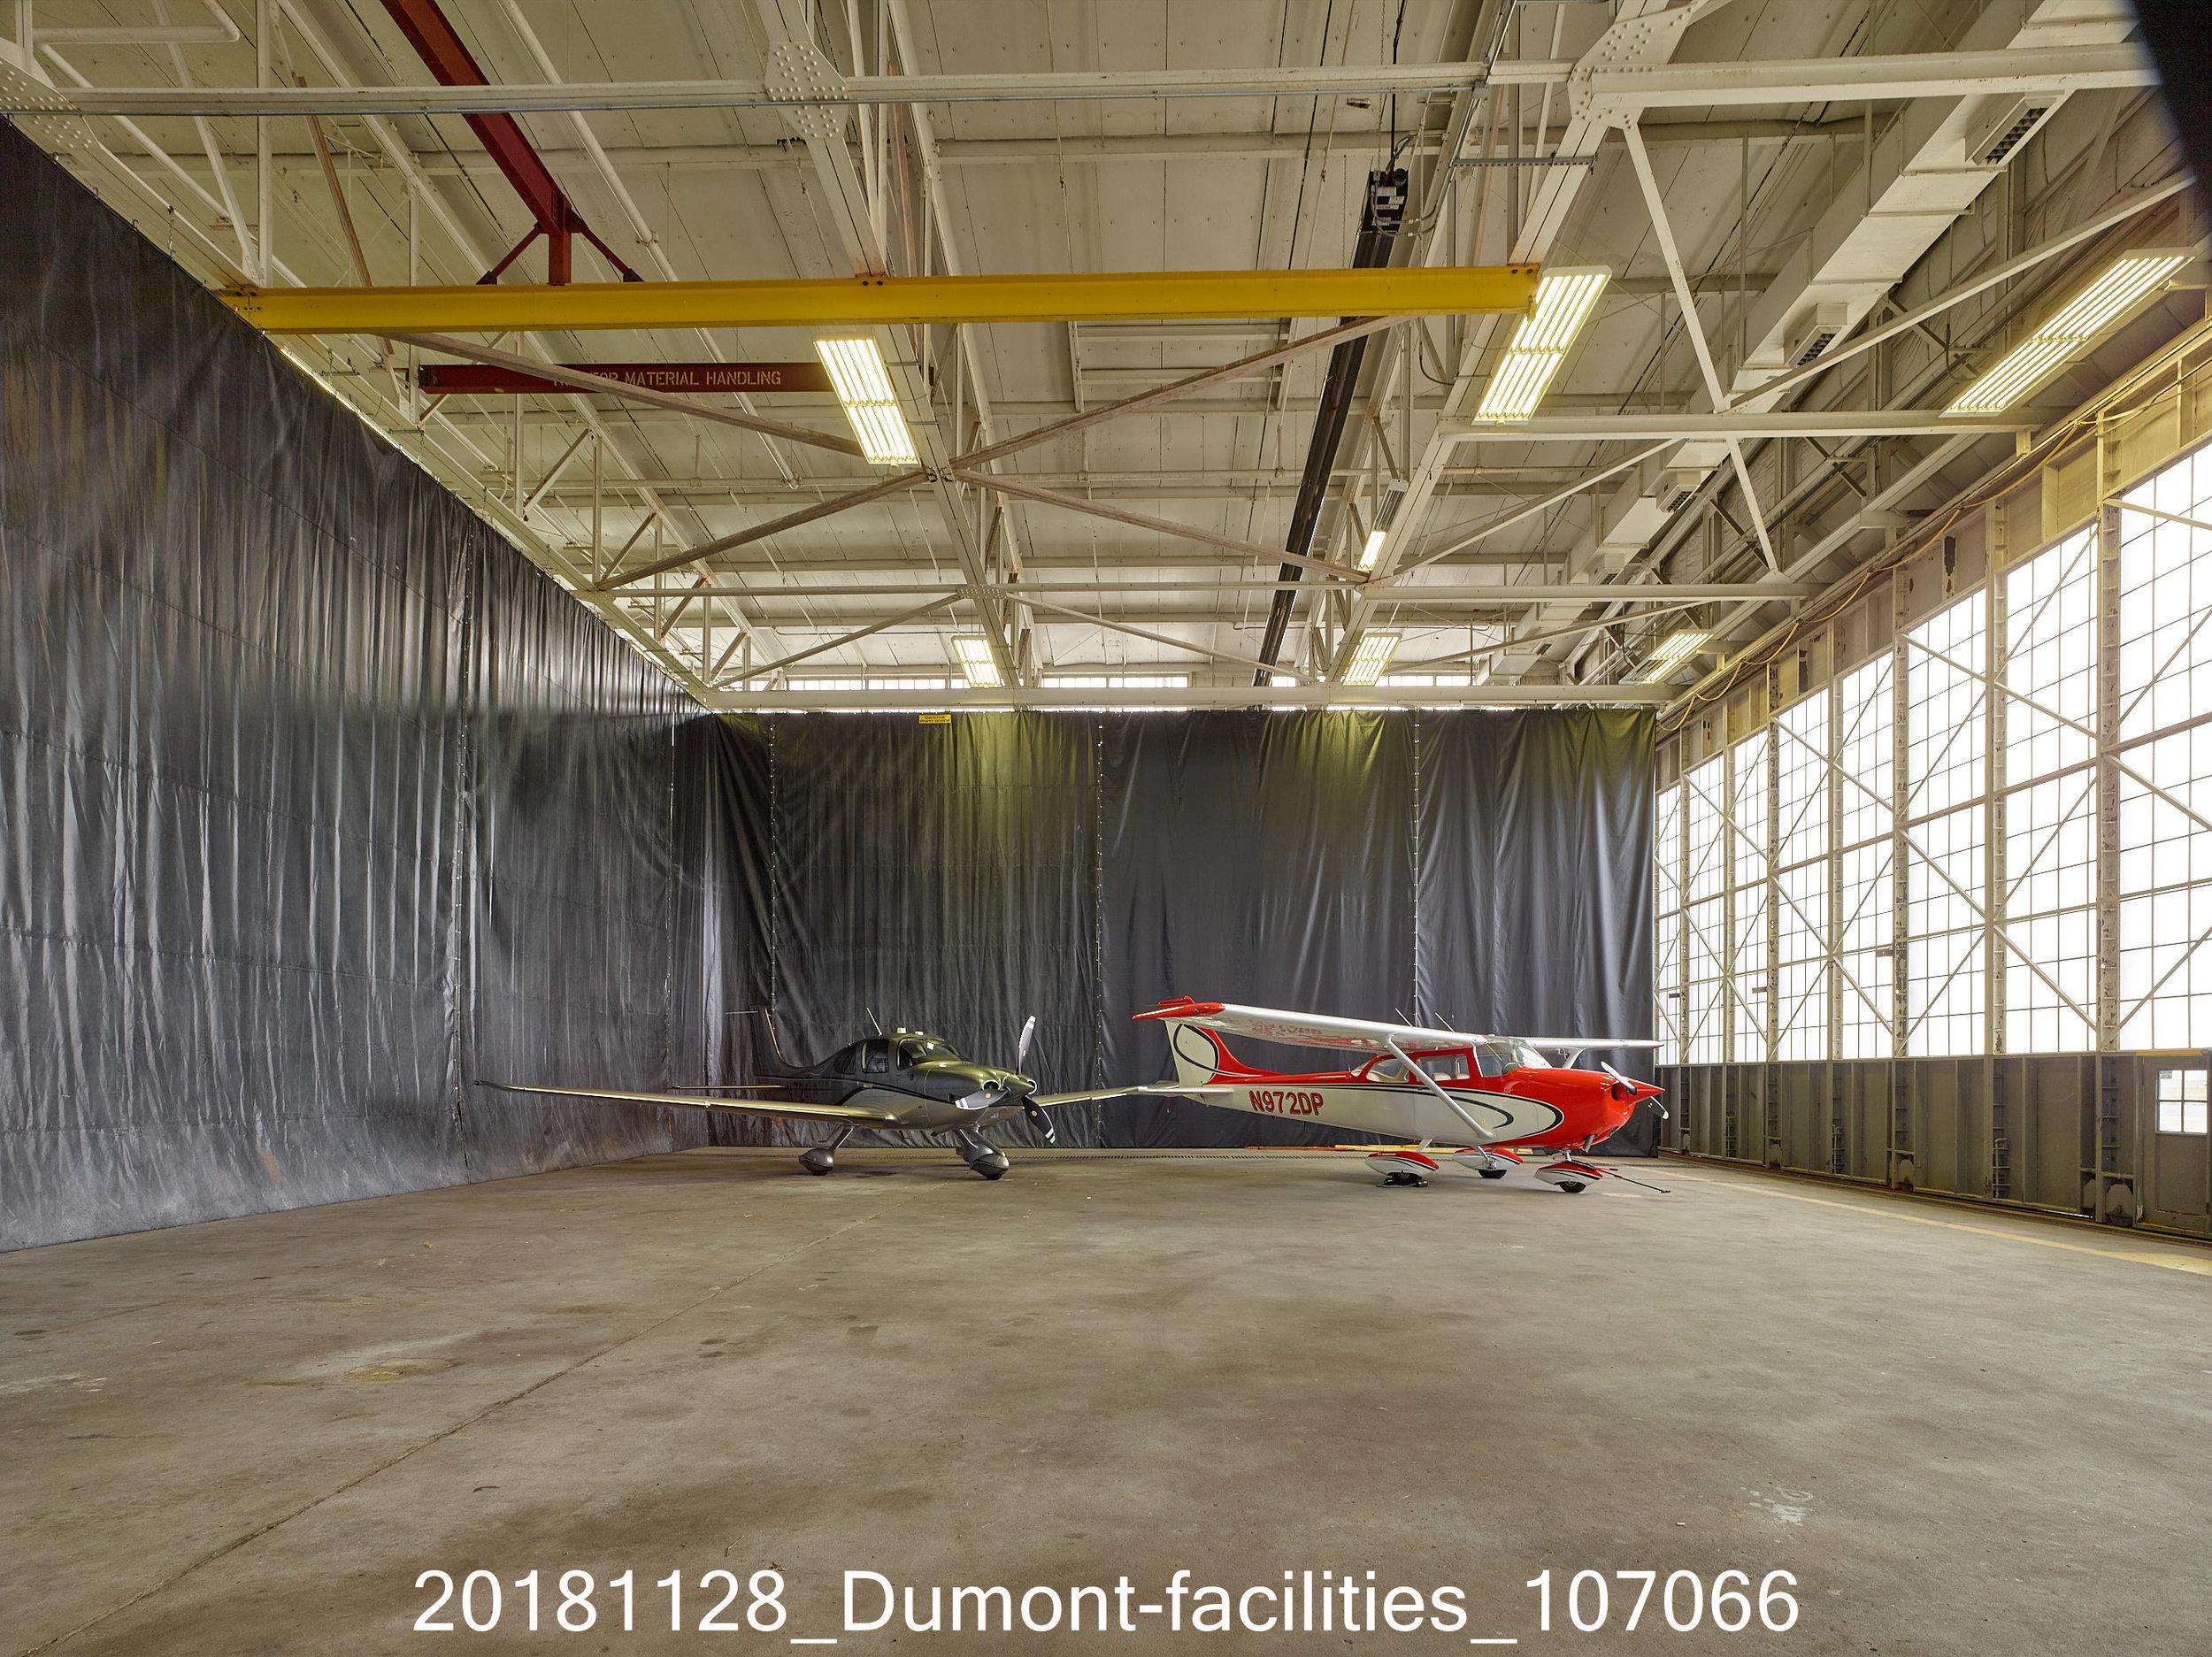 20181128_Dumont-facilities_107066.jpg